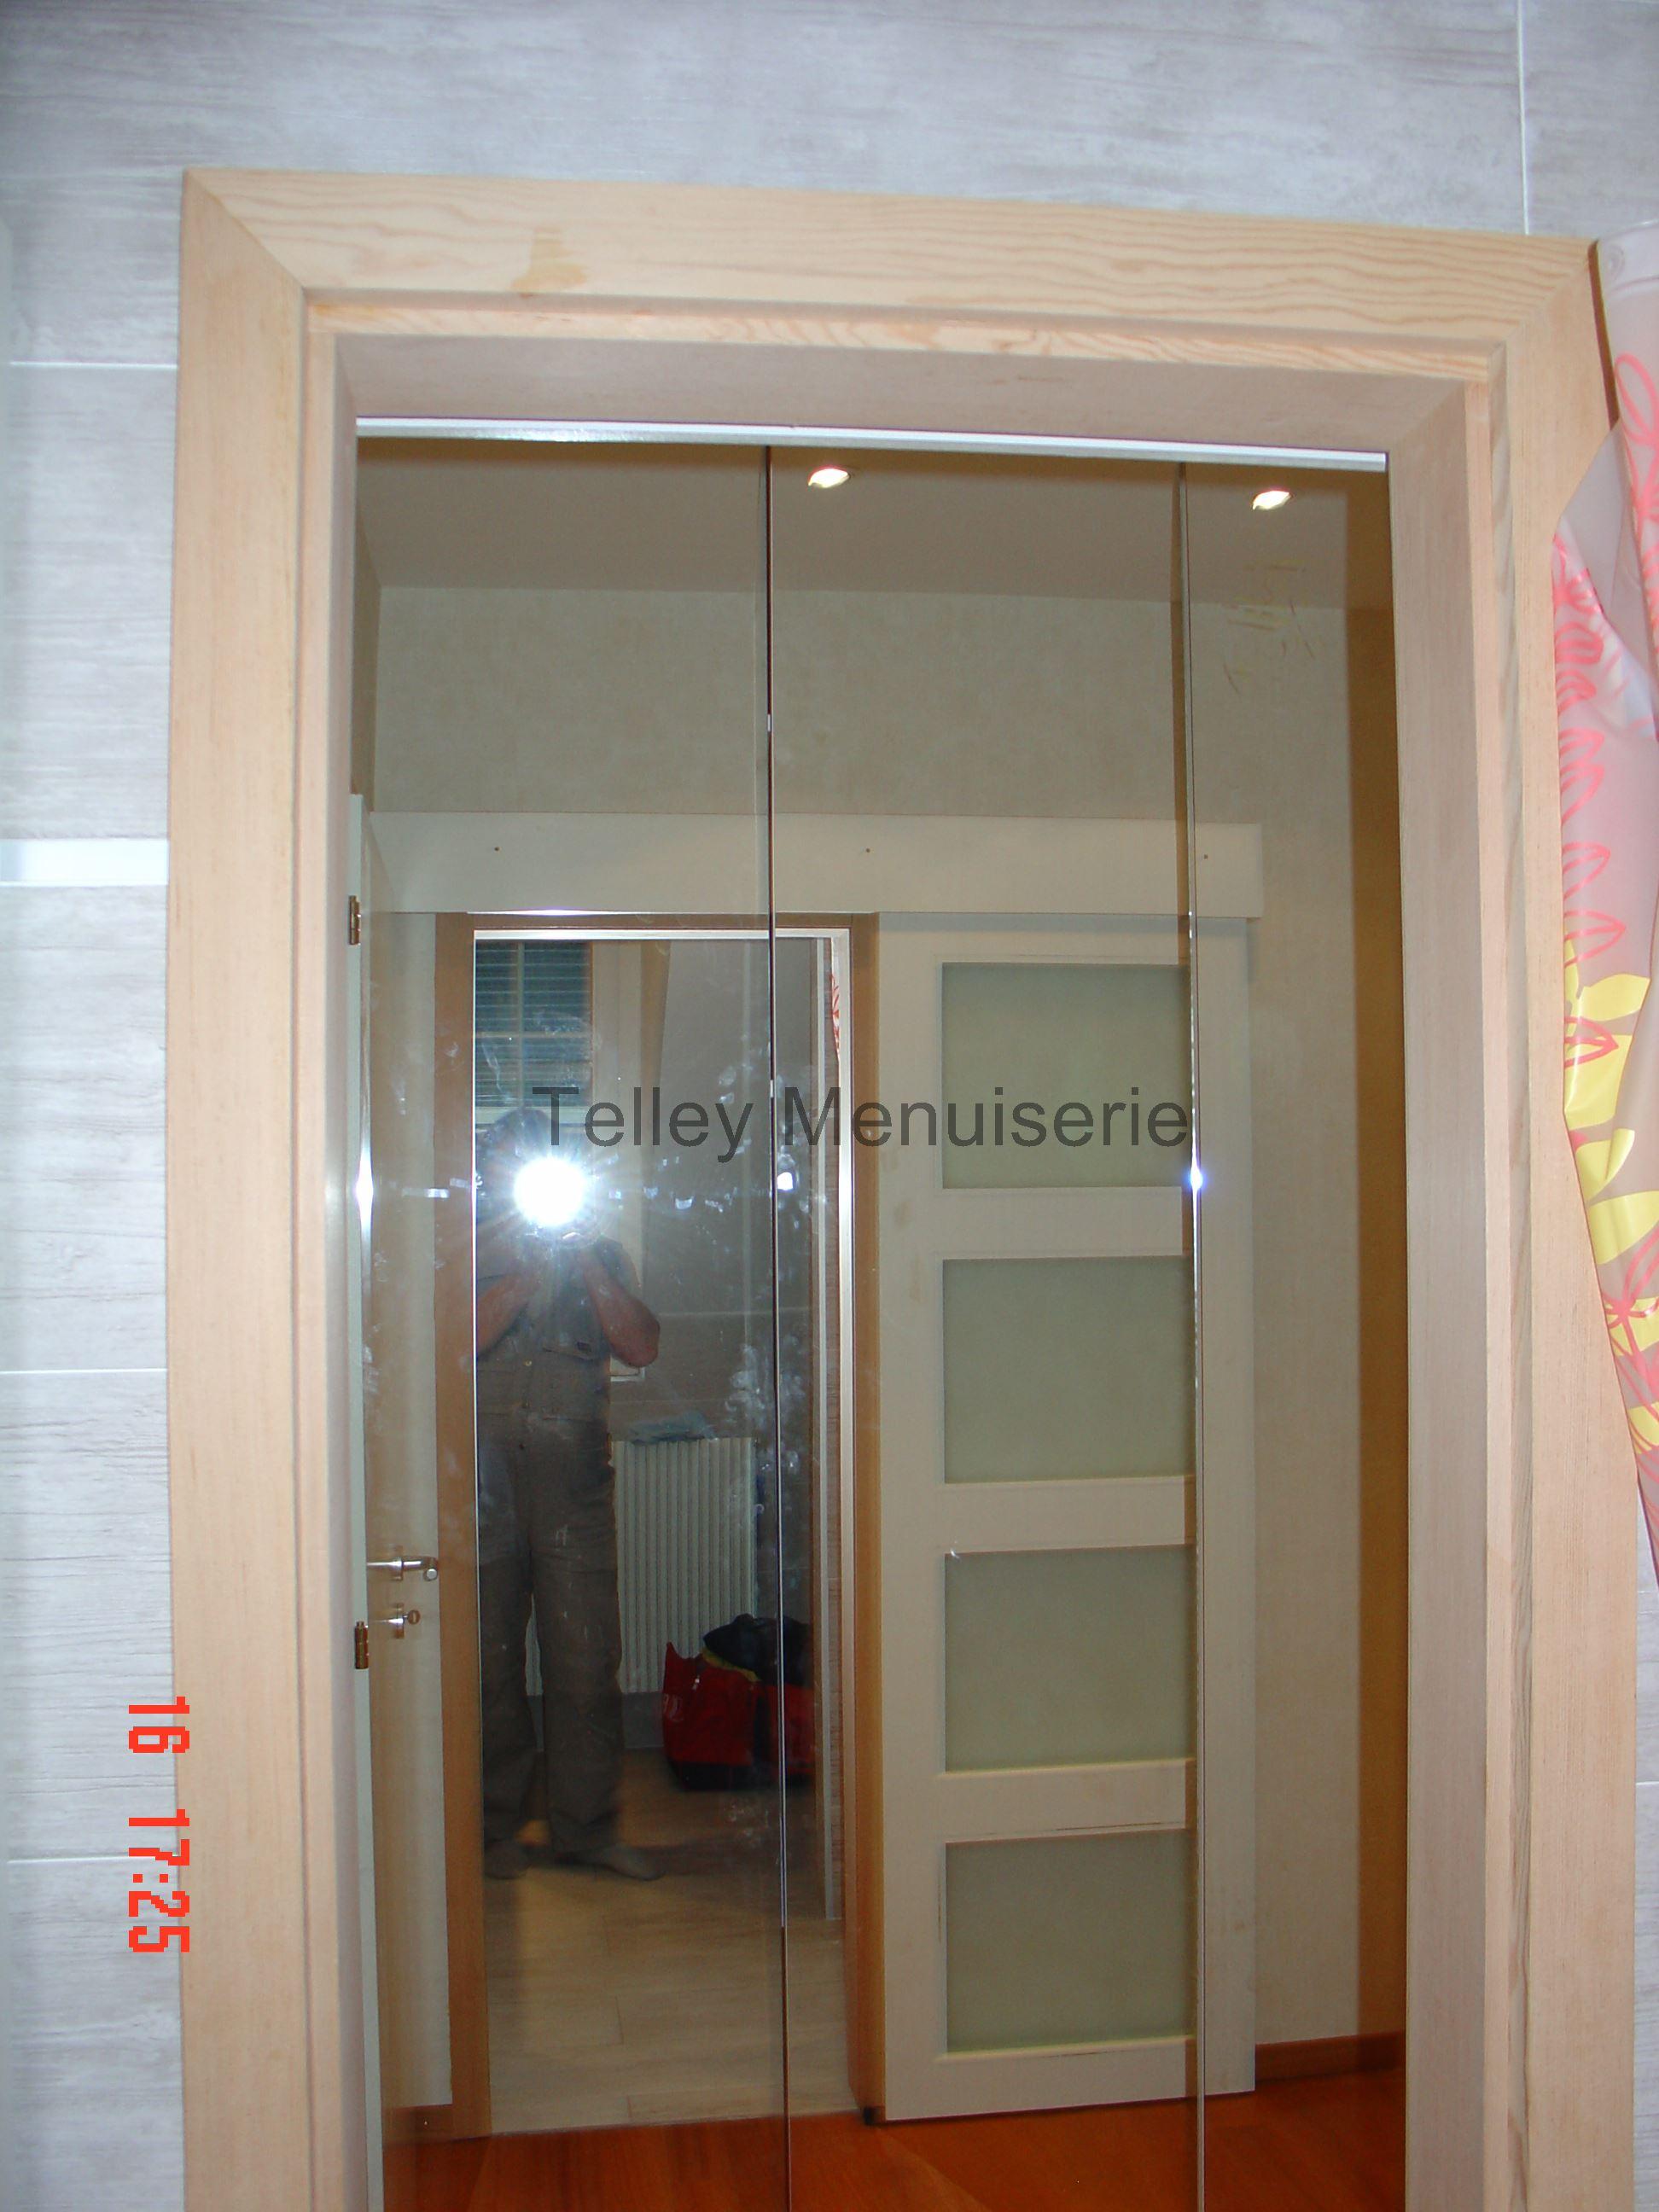 Porte Salle De Bain Vitree ~ portes coulissantes menuiserie telley